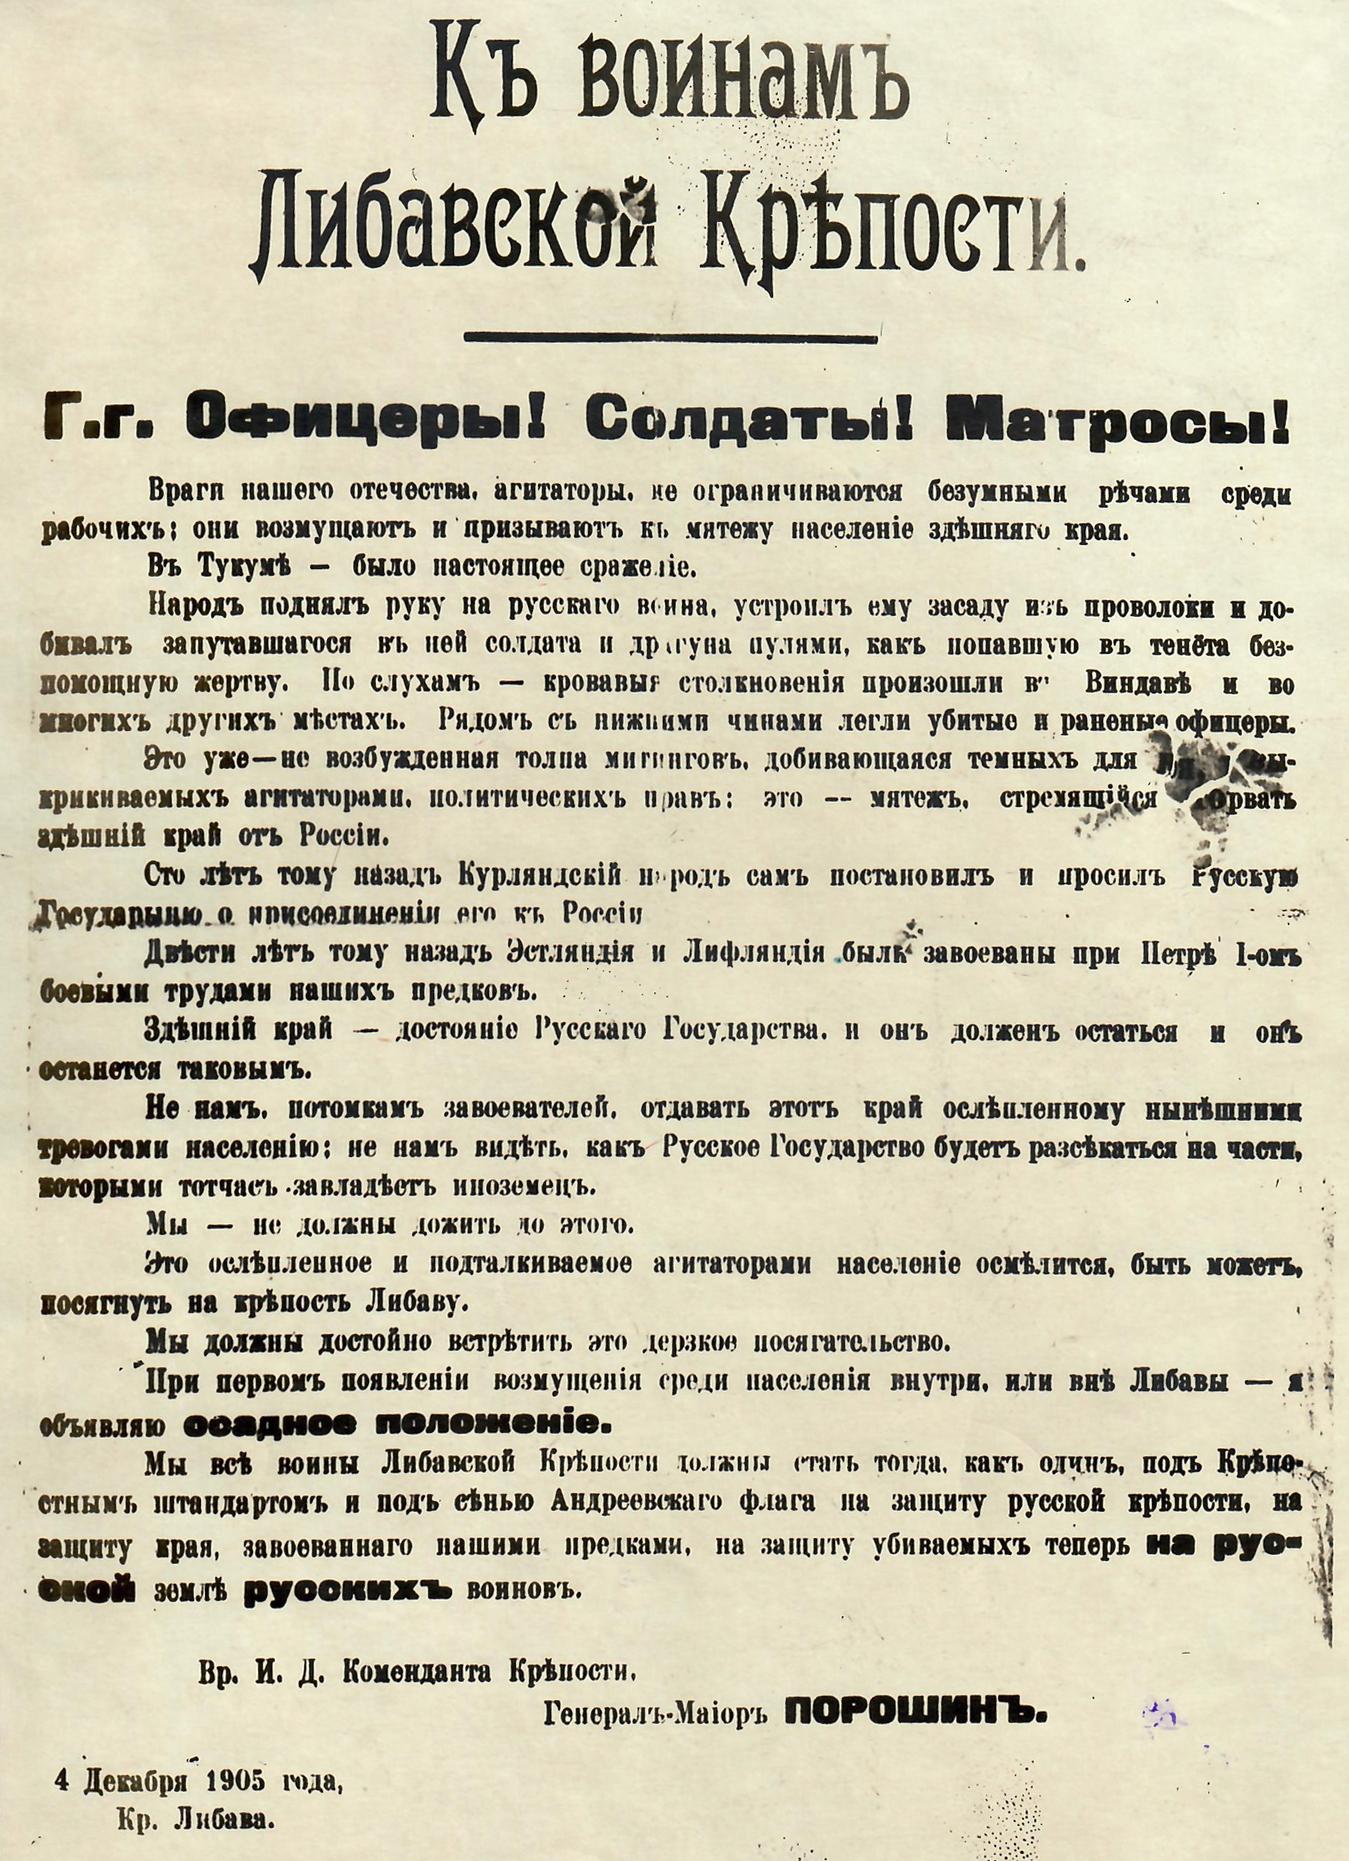 Обращение «Къ воинамъ Либавской Крѣпости», 1905, Государственный центральный музей современной истории России.